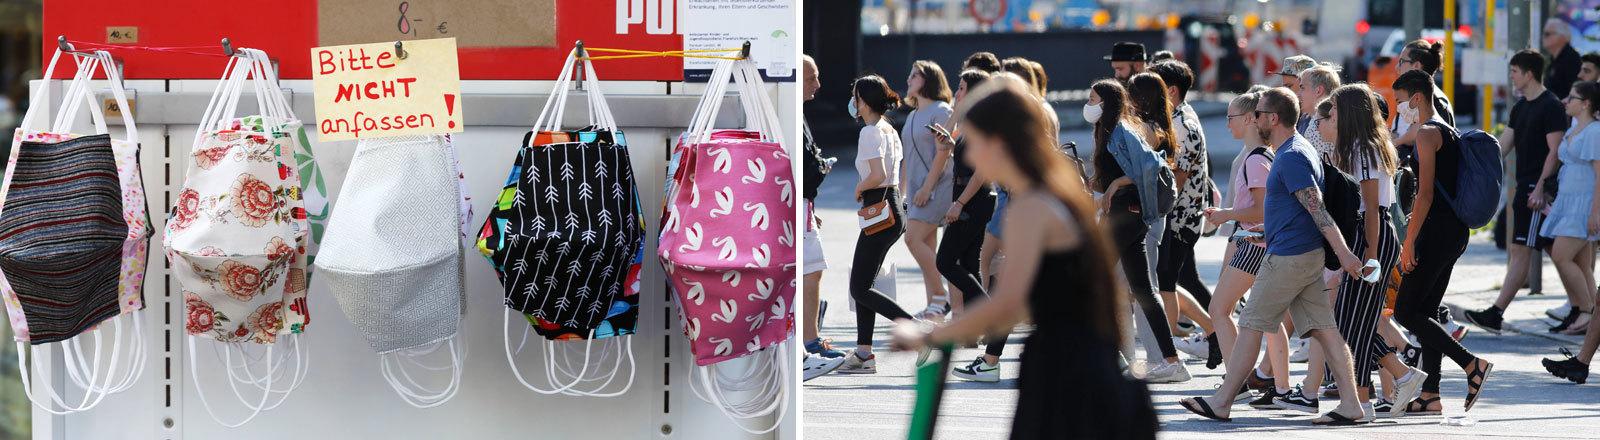 Collage: Gesichtsmasken an einem Verkaufsstand und Fußgänger auf einer Straße.